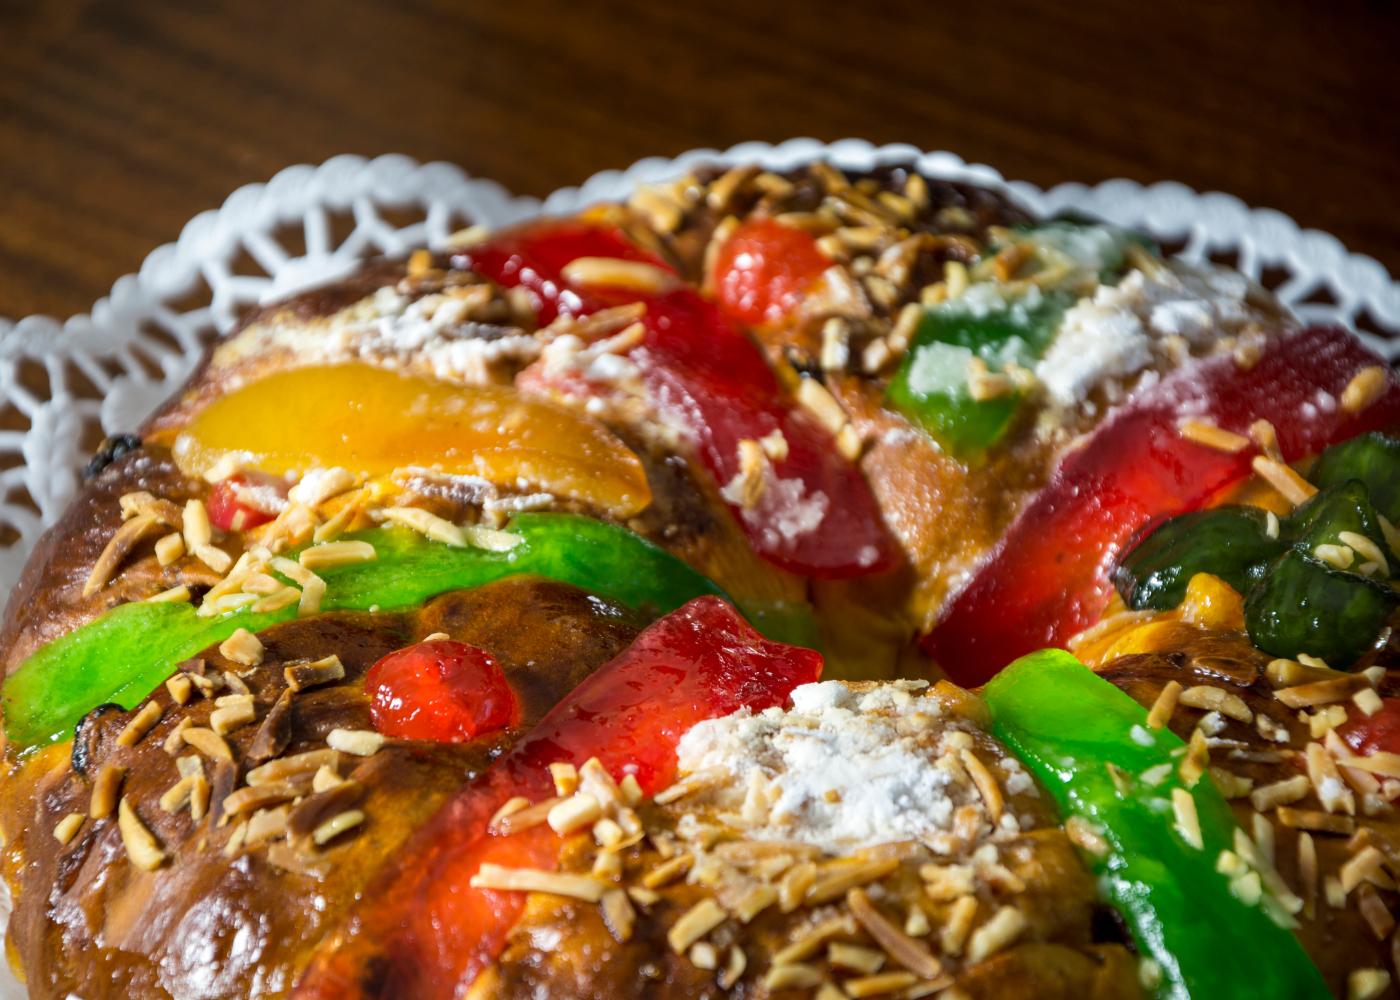 bolo rei com frutas cristalizadas